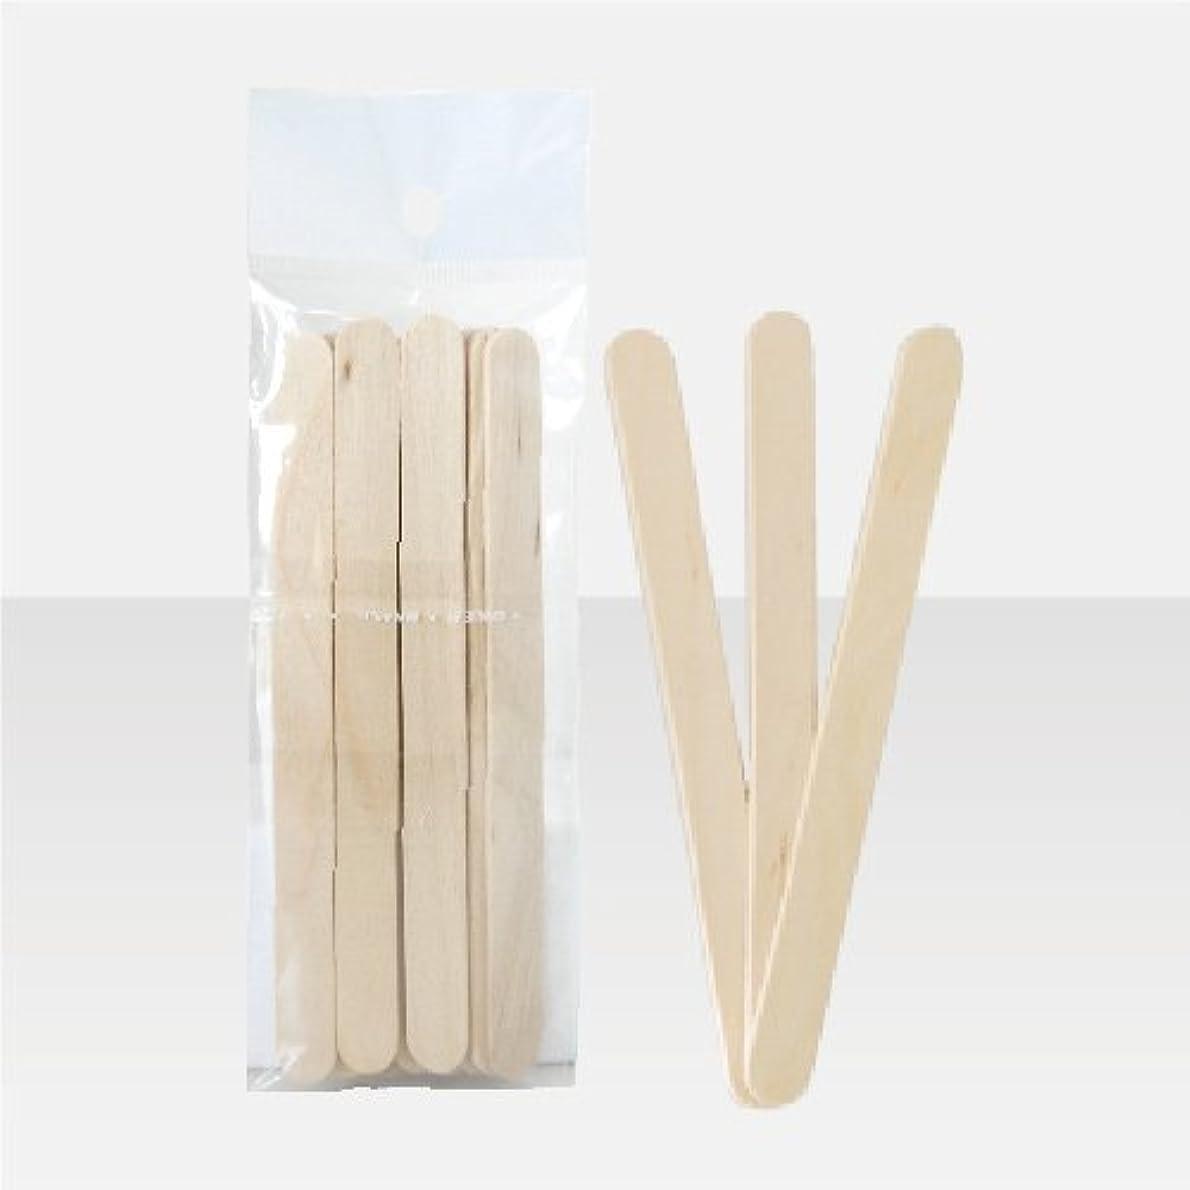 面白い立ち向かう部門ブラジリアンワックス 脱毛ワックス用  ワックススパチュラ 木ベラ /10本セット Sサイズ